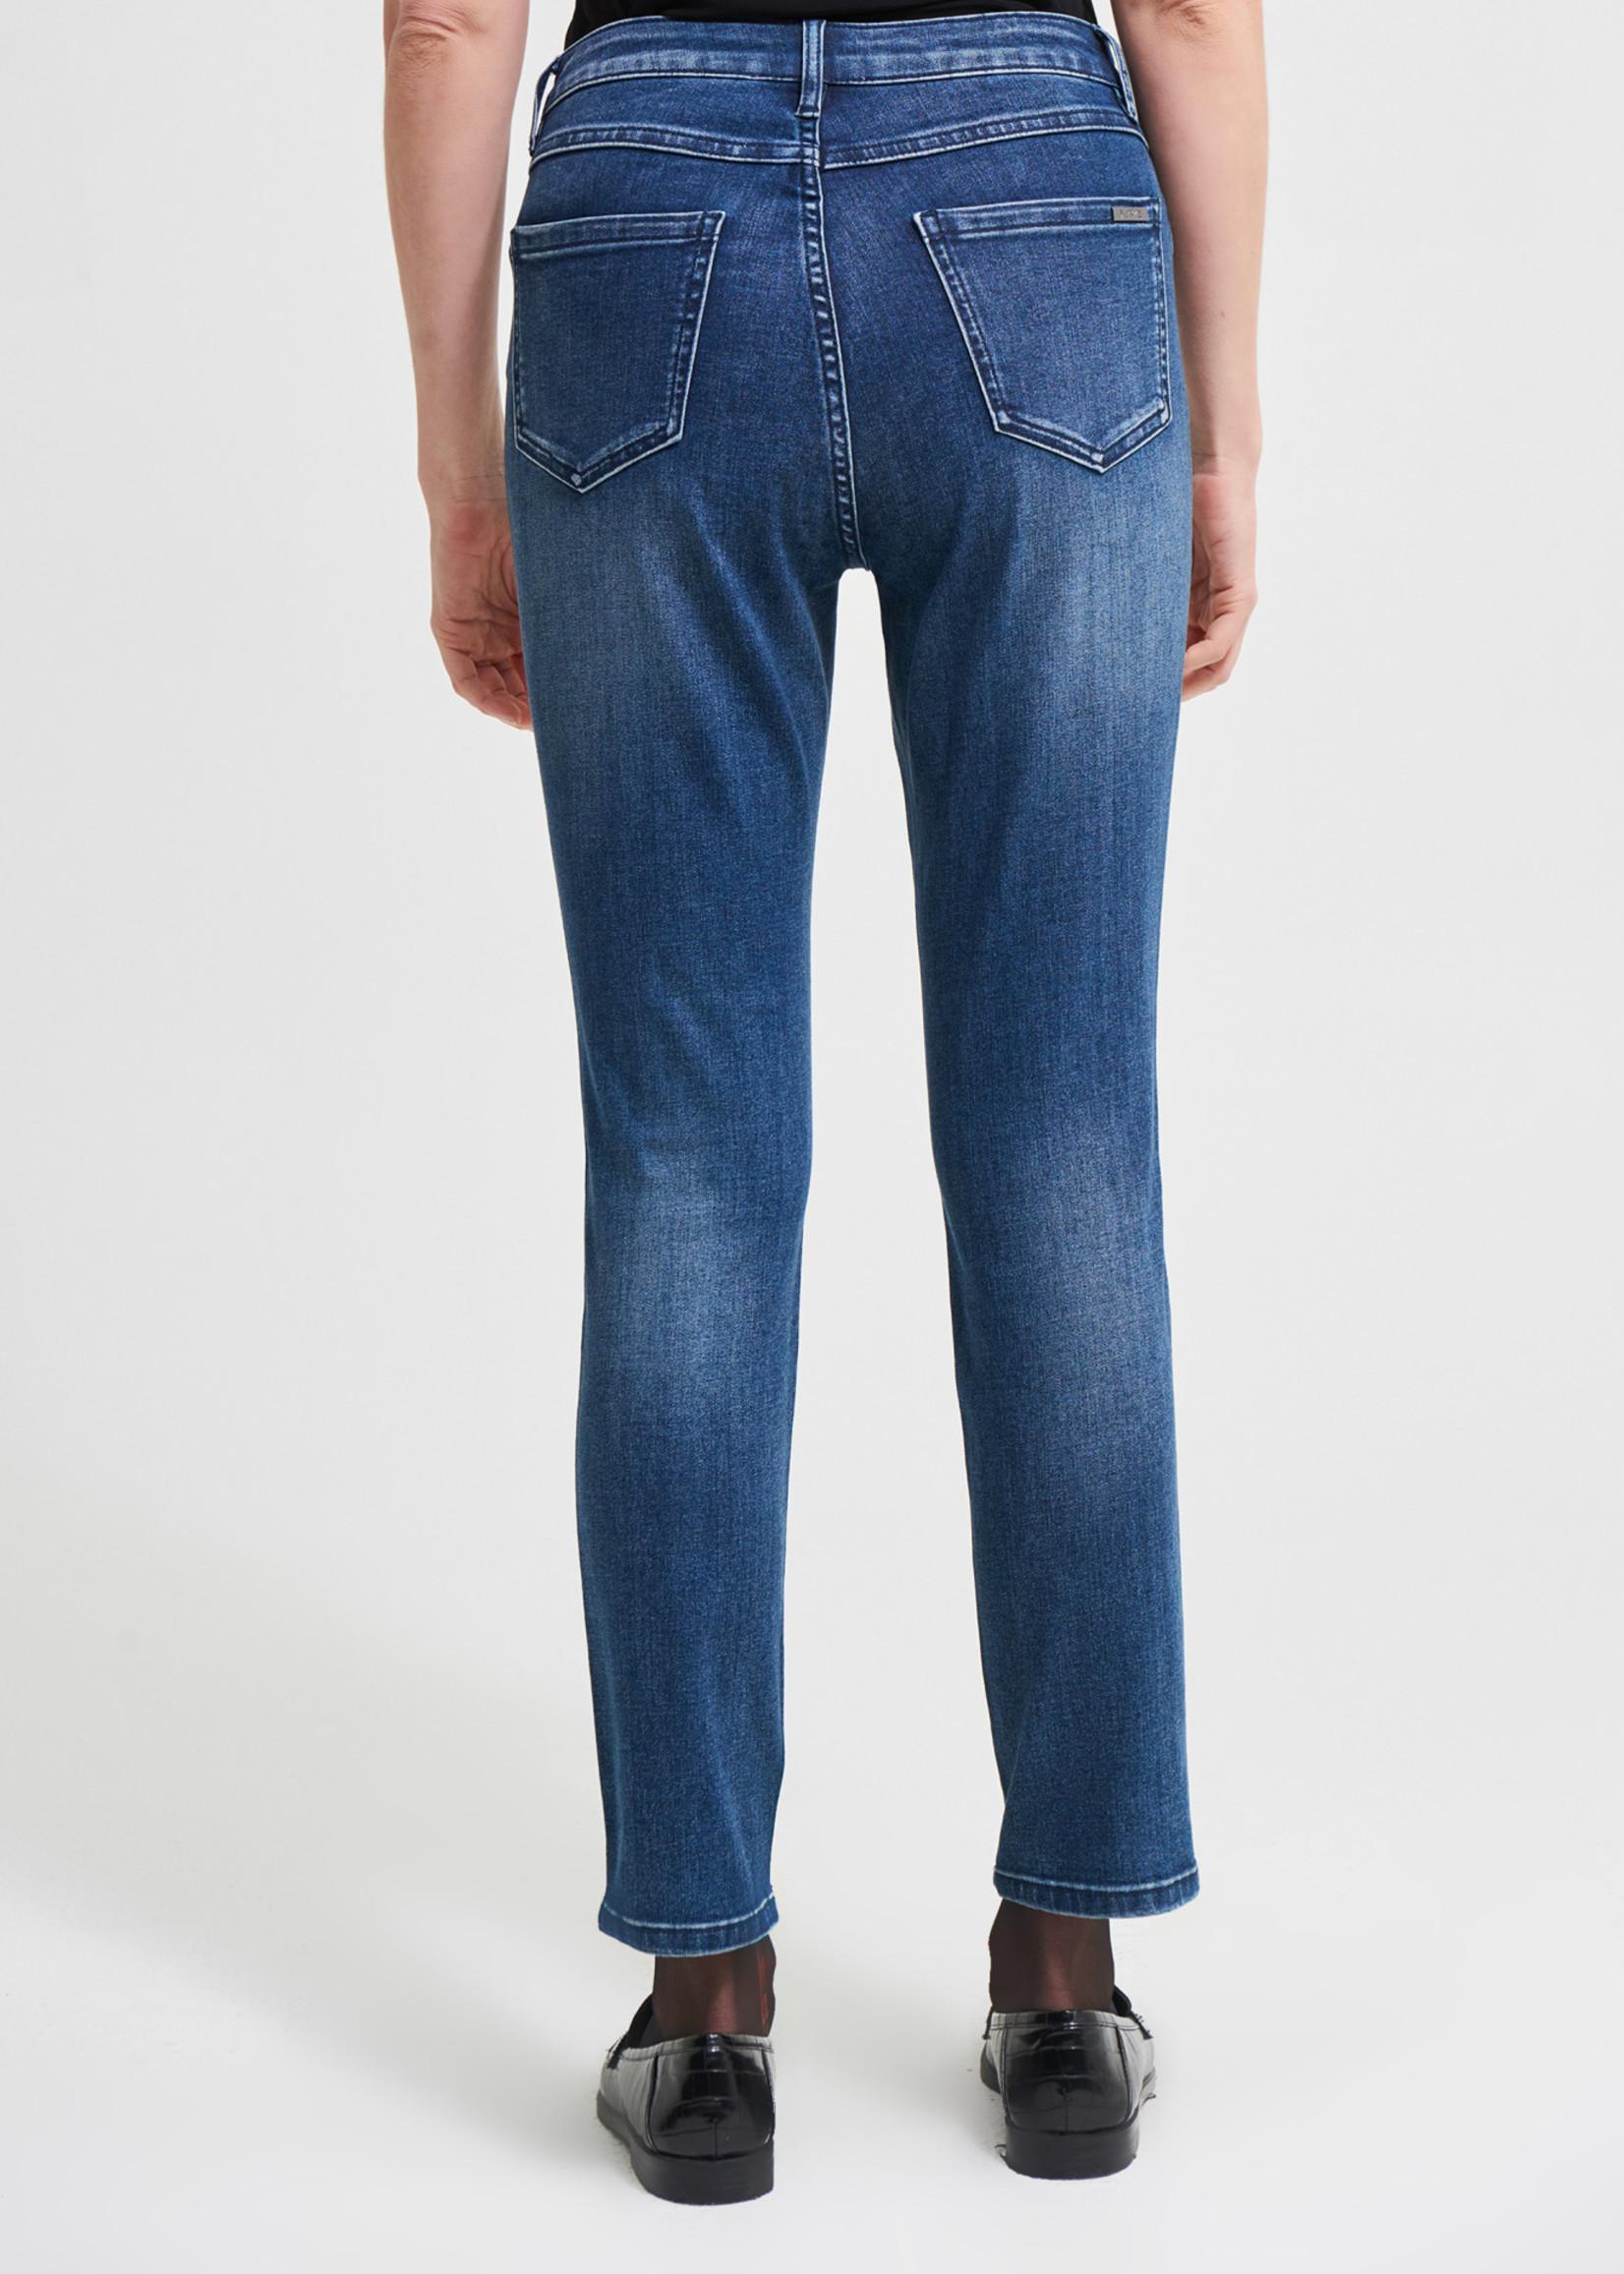 Joseph Ribkoff Joseph Ribkoff Slim Fit Jeans W/face imprint